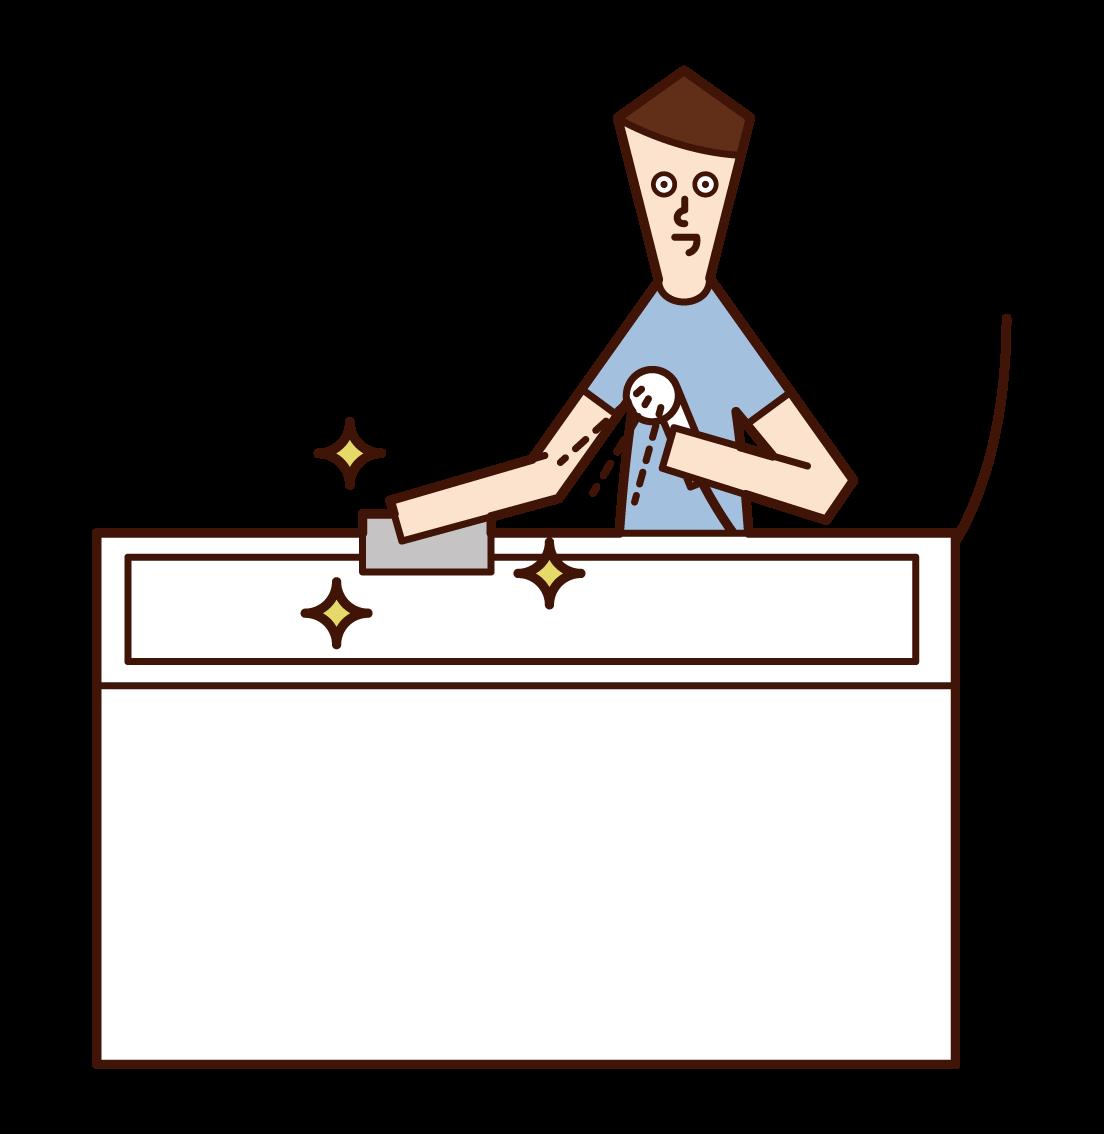 お風呂を掃除する人(男性)のイラスト